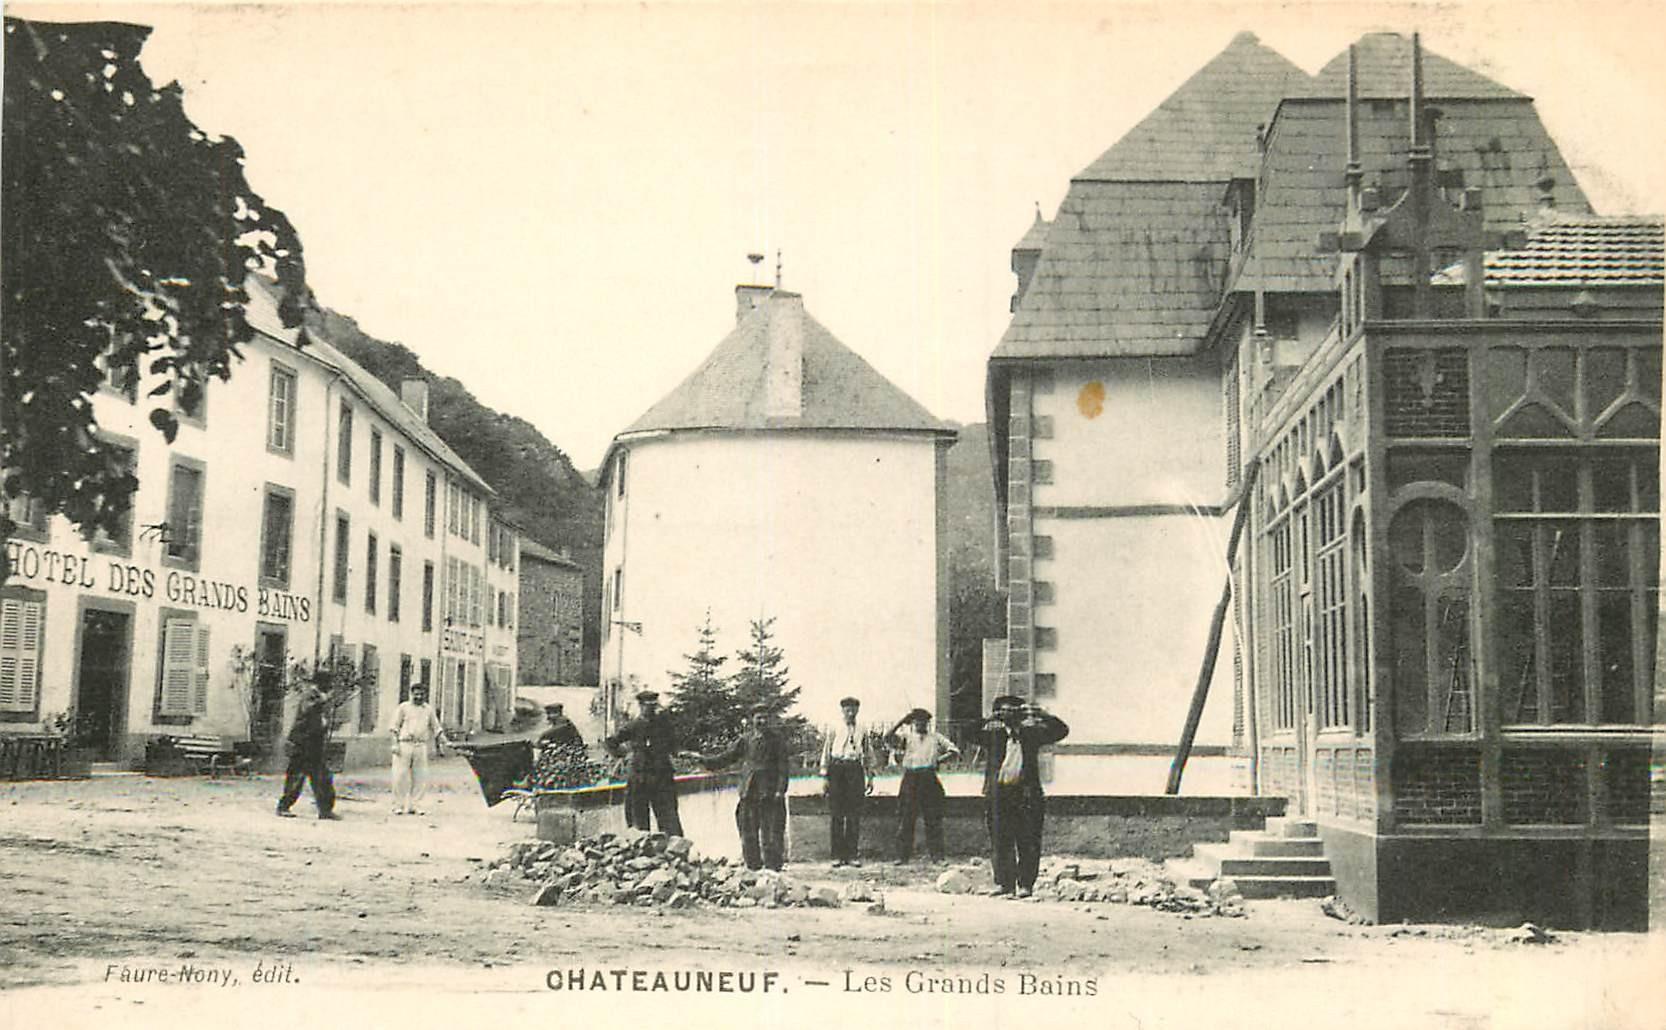 WW 63 CHATEAUNEUF. Ouvriers devant l'Hôtel des Grands Bains